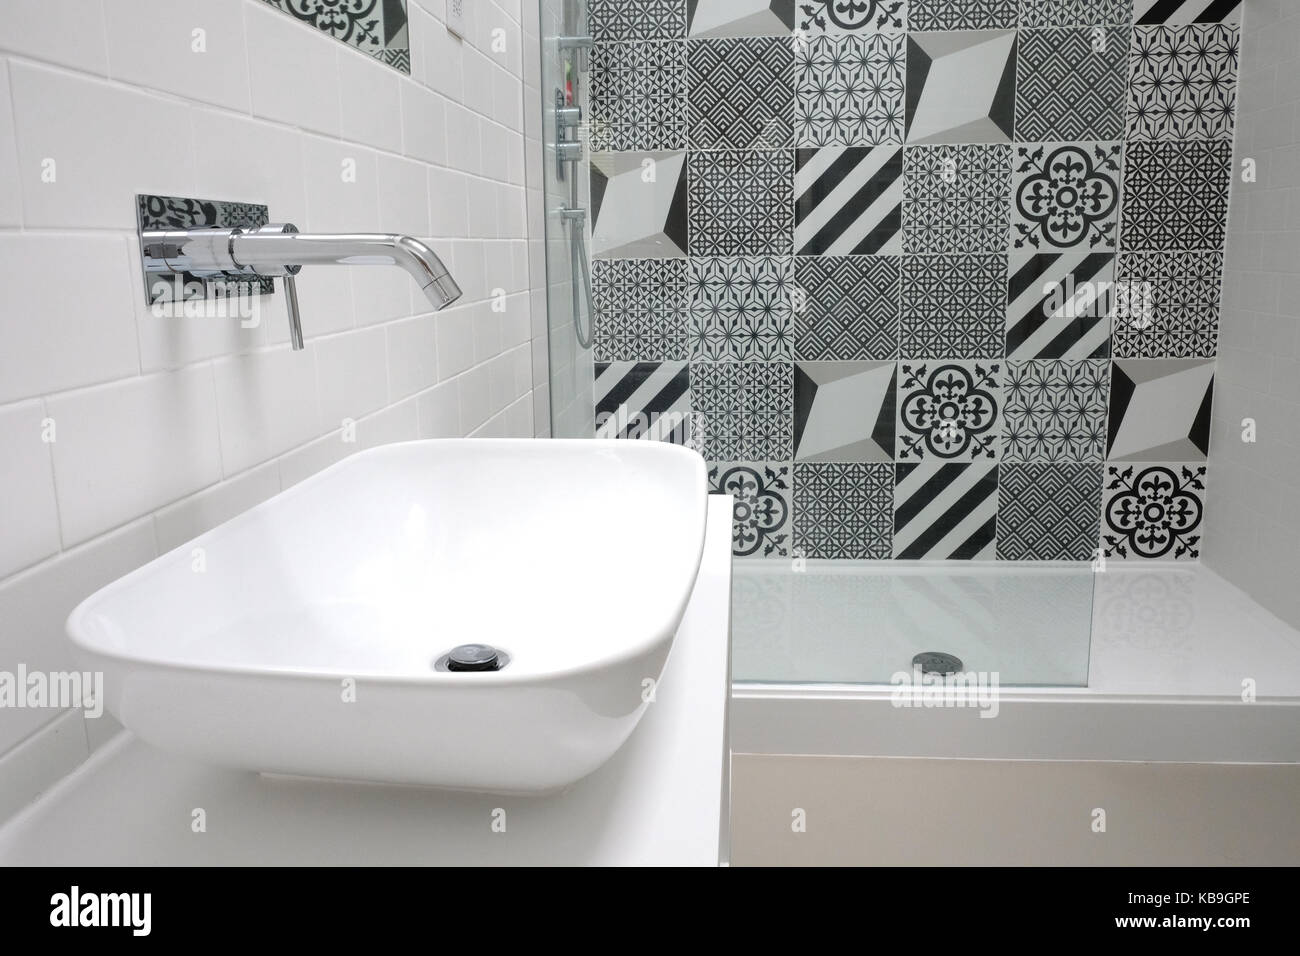 Scandi Bianco In Stile Con Bagno In Mosaico Monocromo Piastrelle